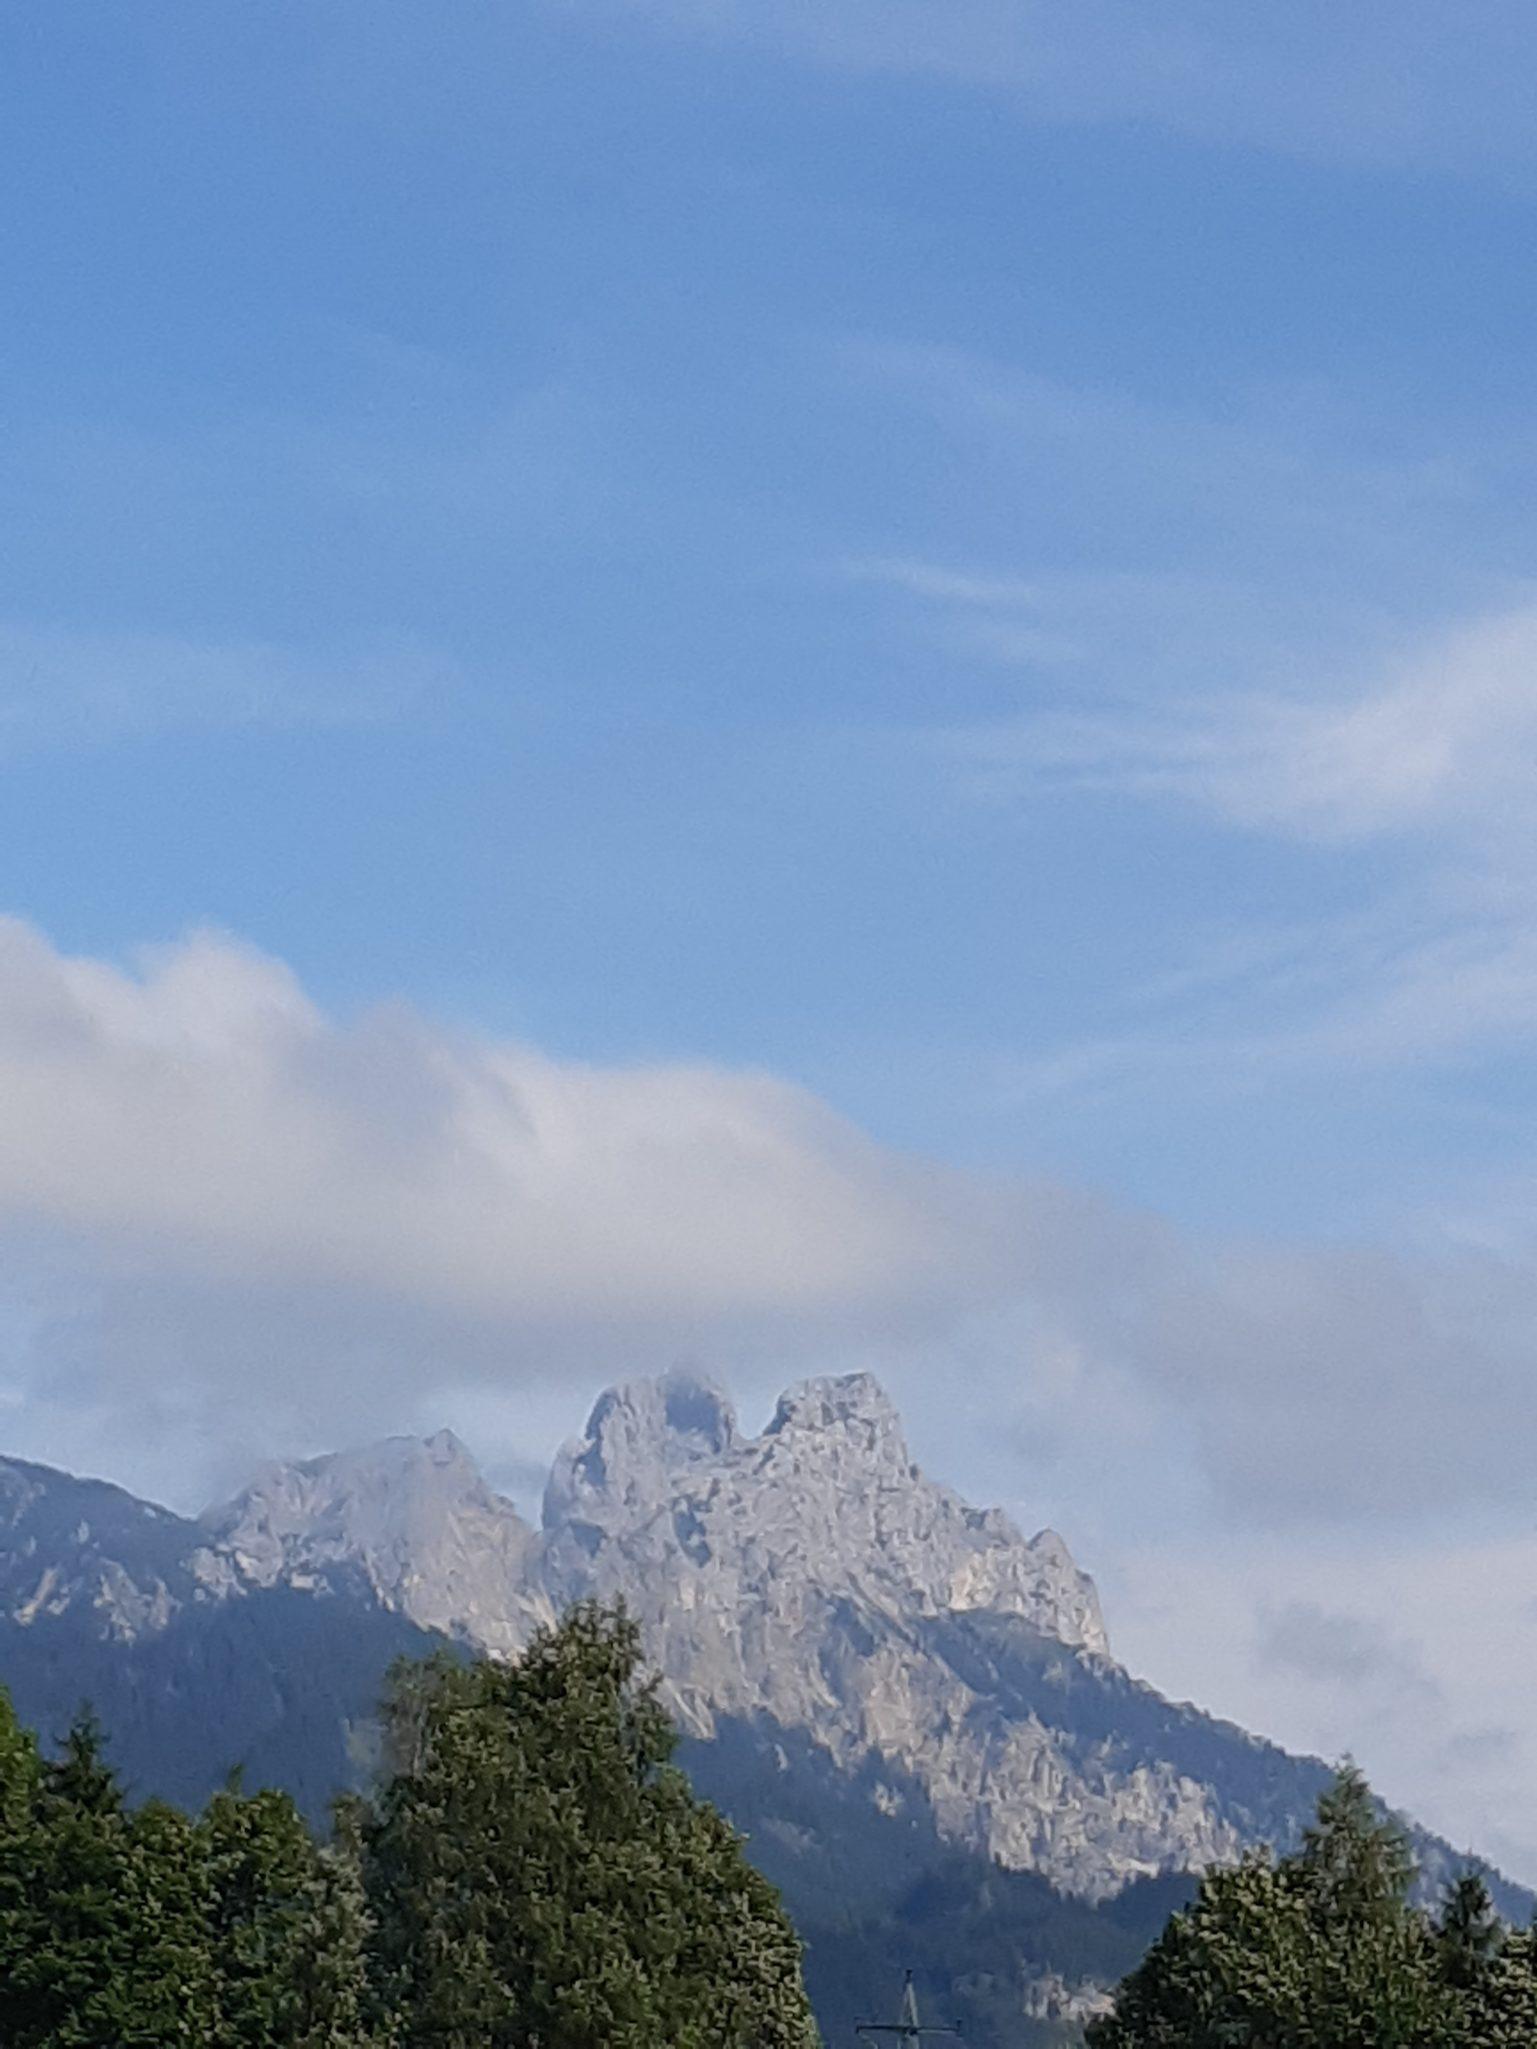 Tannheimer Berge Österreich Allfgäu